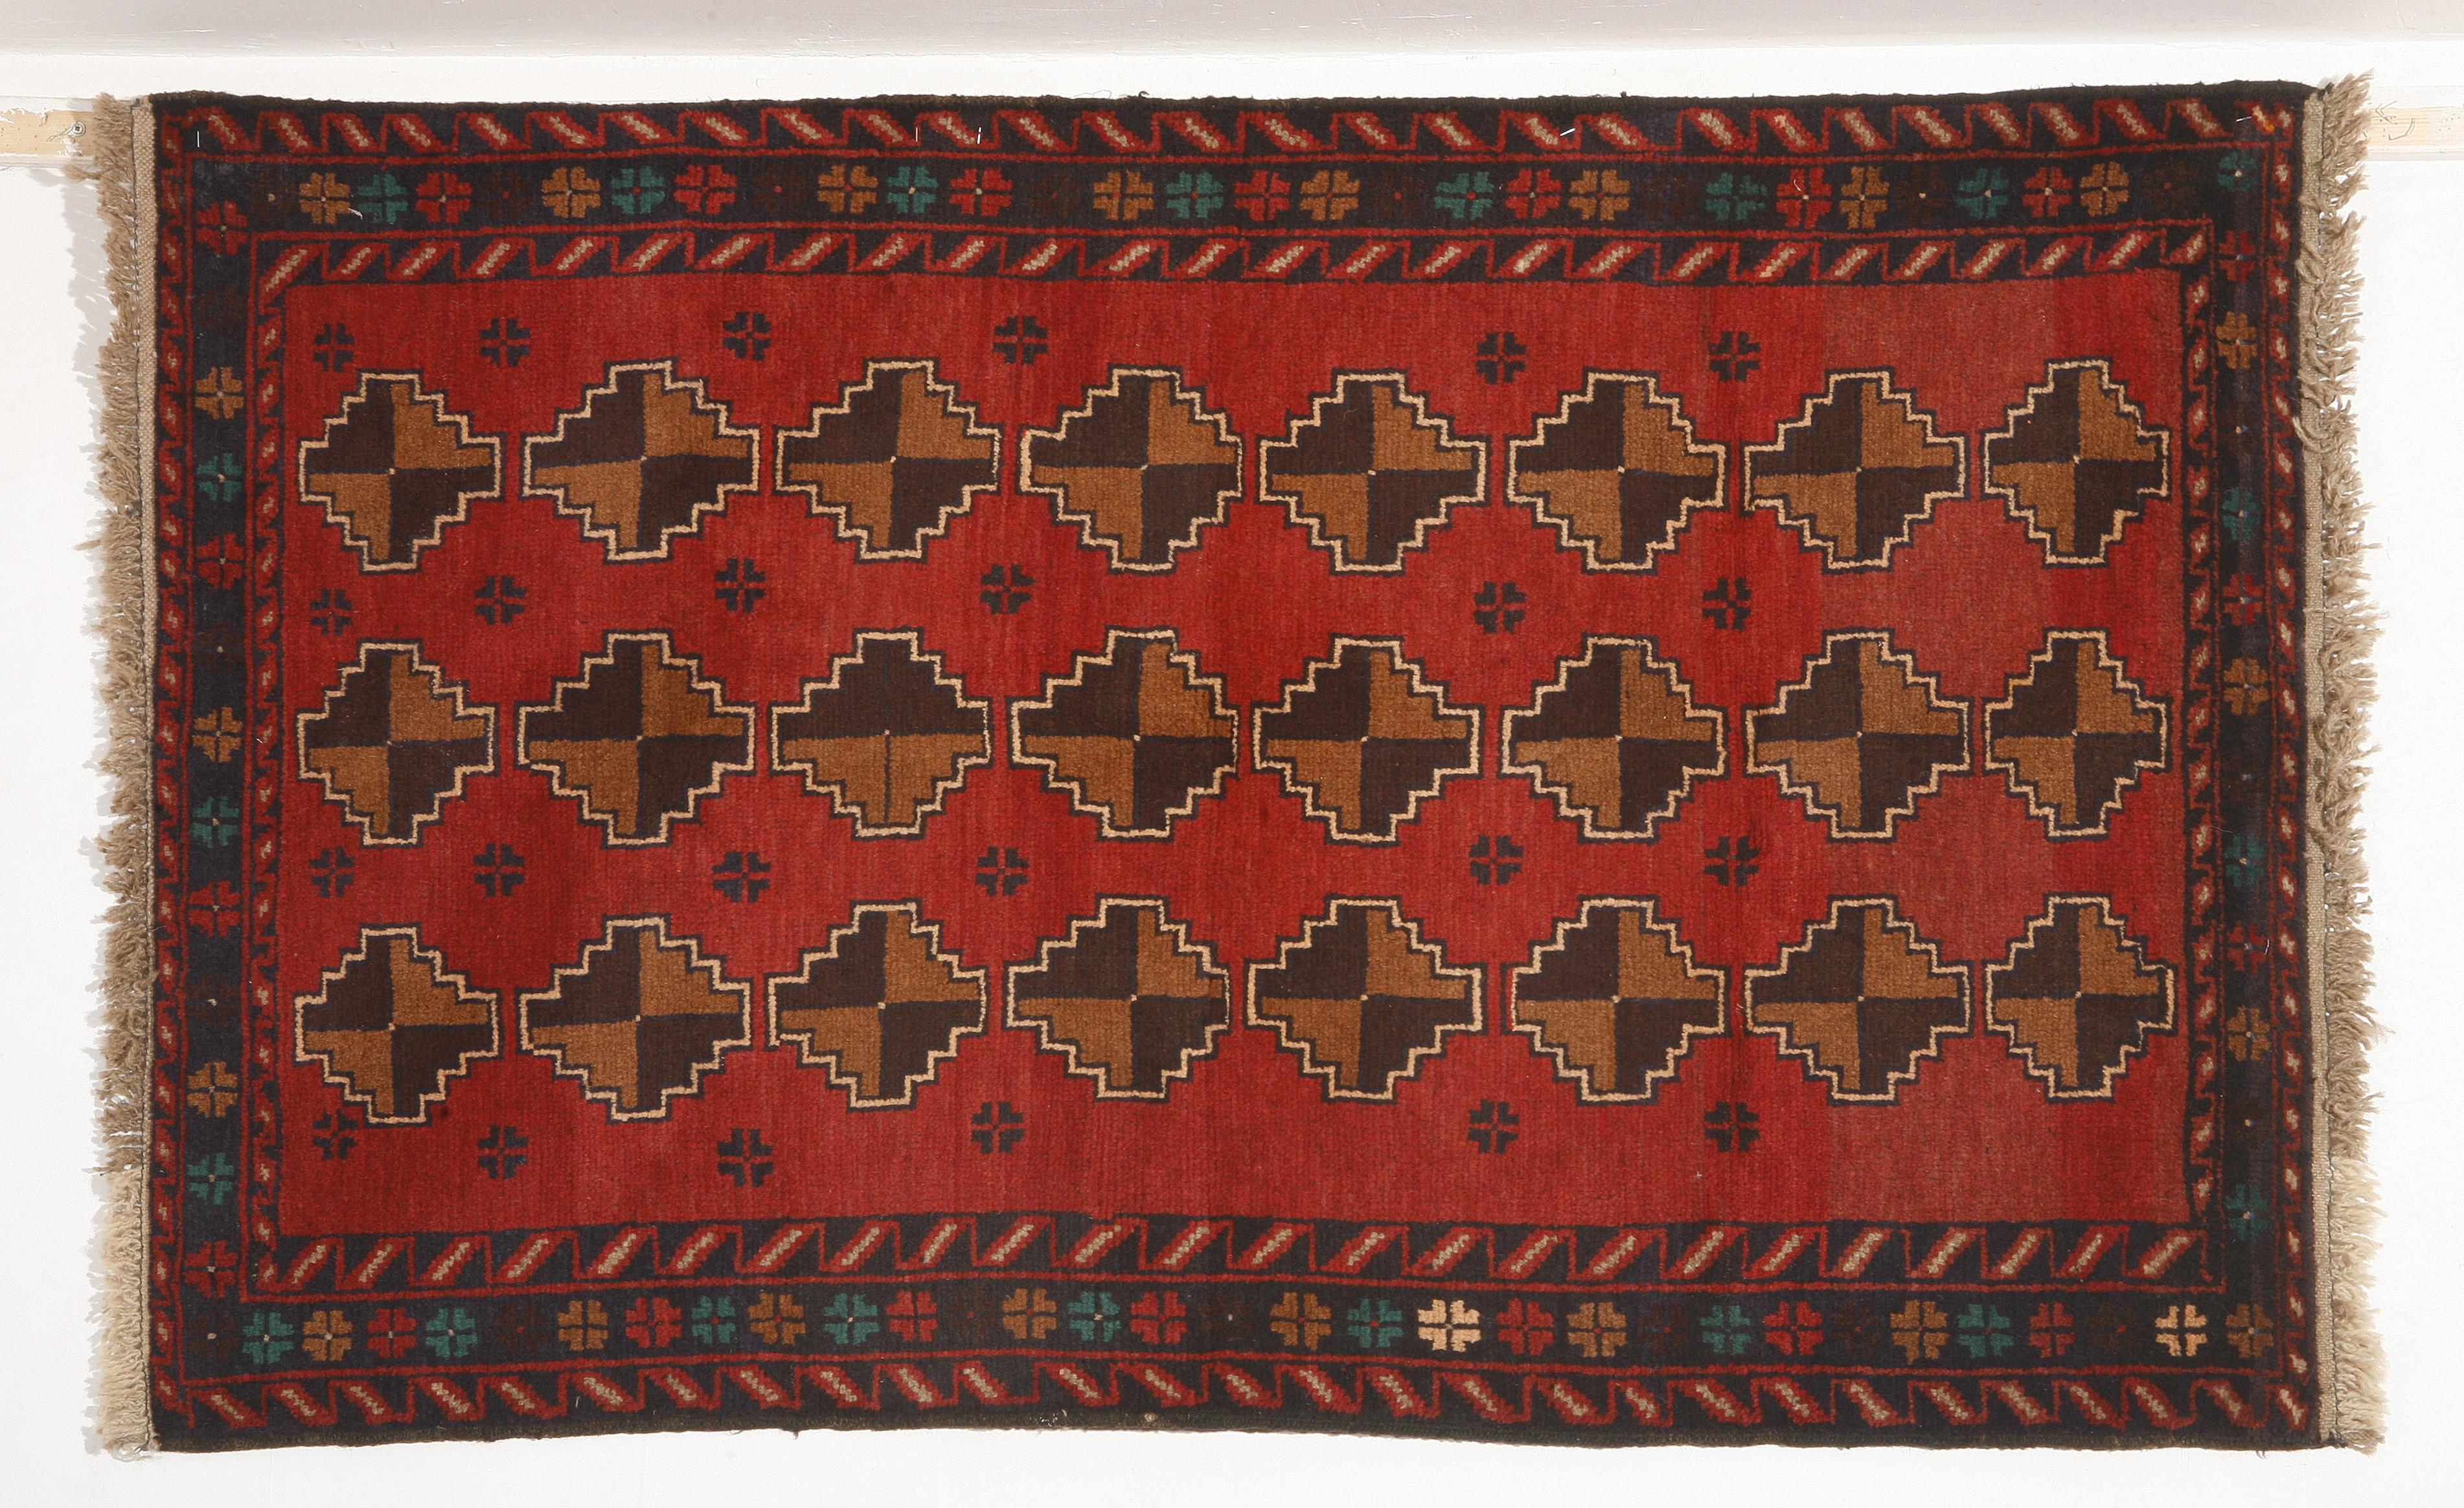 Alfombra gabbe de importaci n directa le ofrece alfombras - Alfombras precios ...